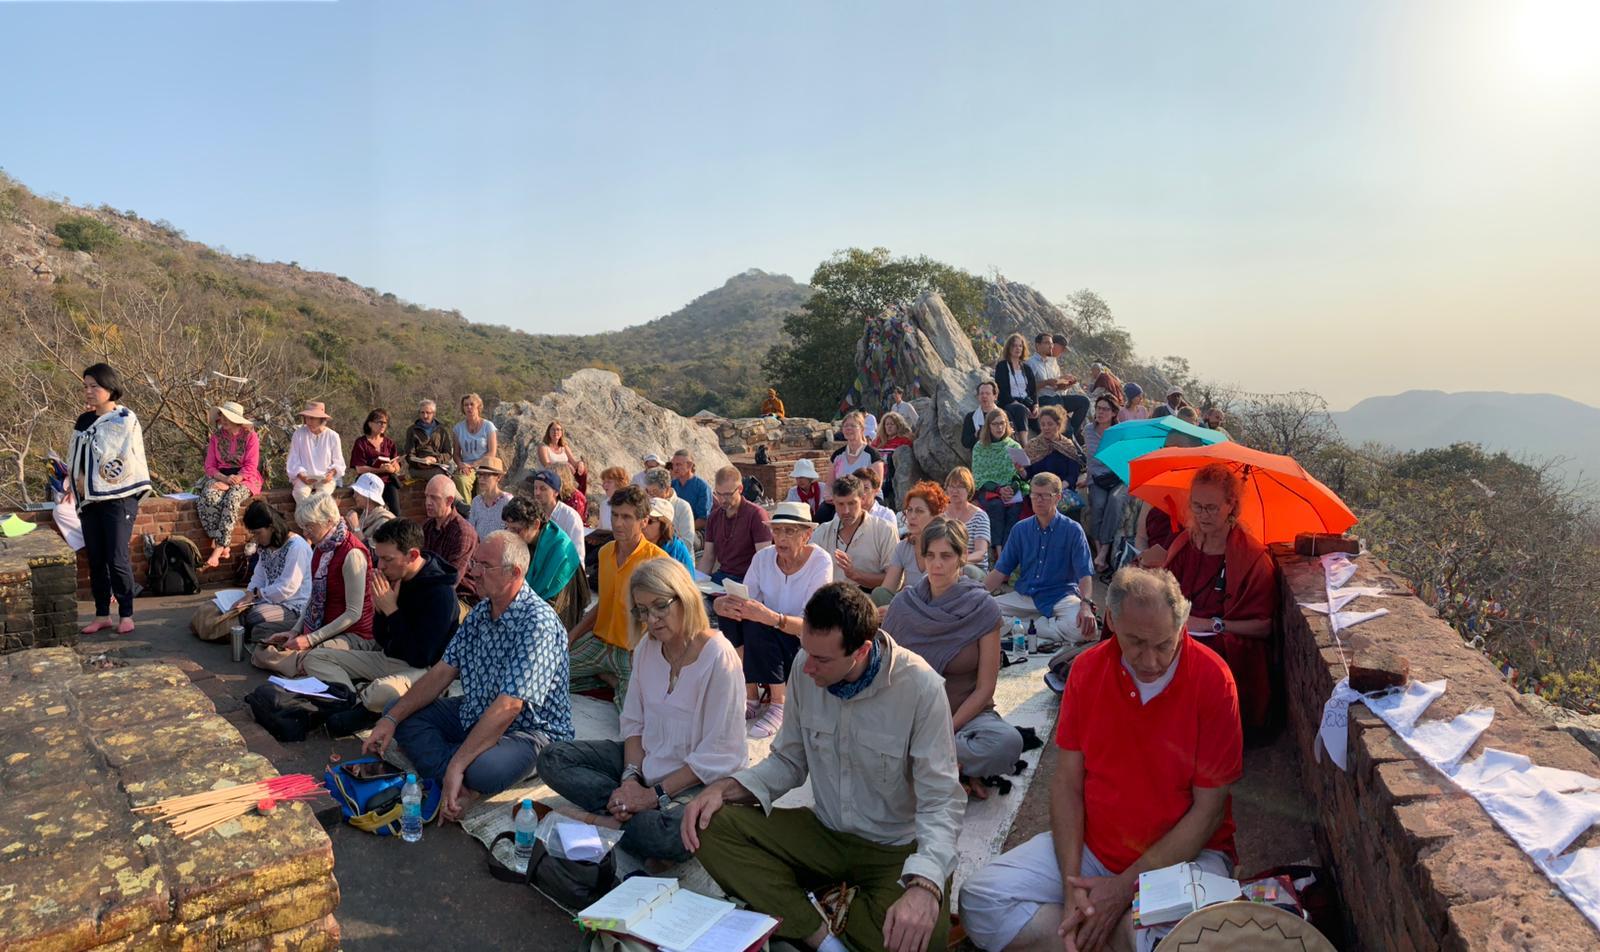 Ausflug auf den Geiergipfelberg, auf dem Buddha gelehrt hat. Rigpa Gebetsfest, März 2019, Bodhgaya (Indien)